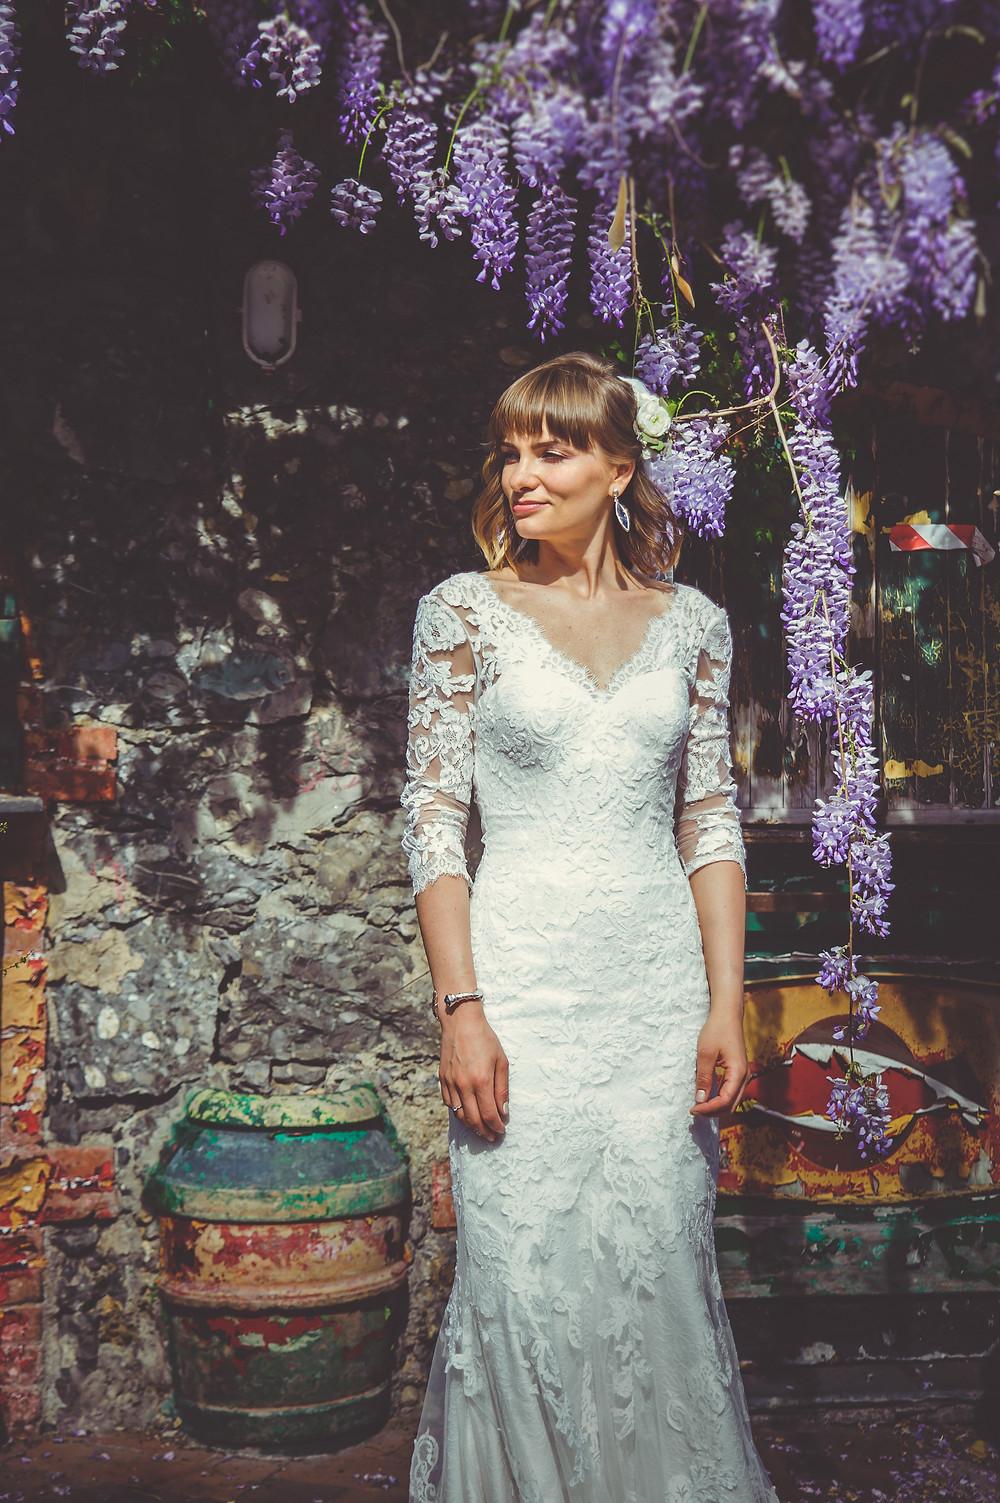 wedding photo shoot in Portofino, свадебная фотосессия в Портофино